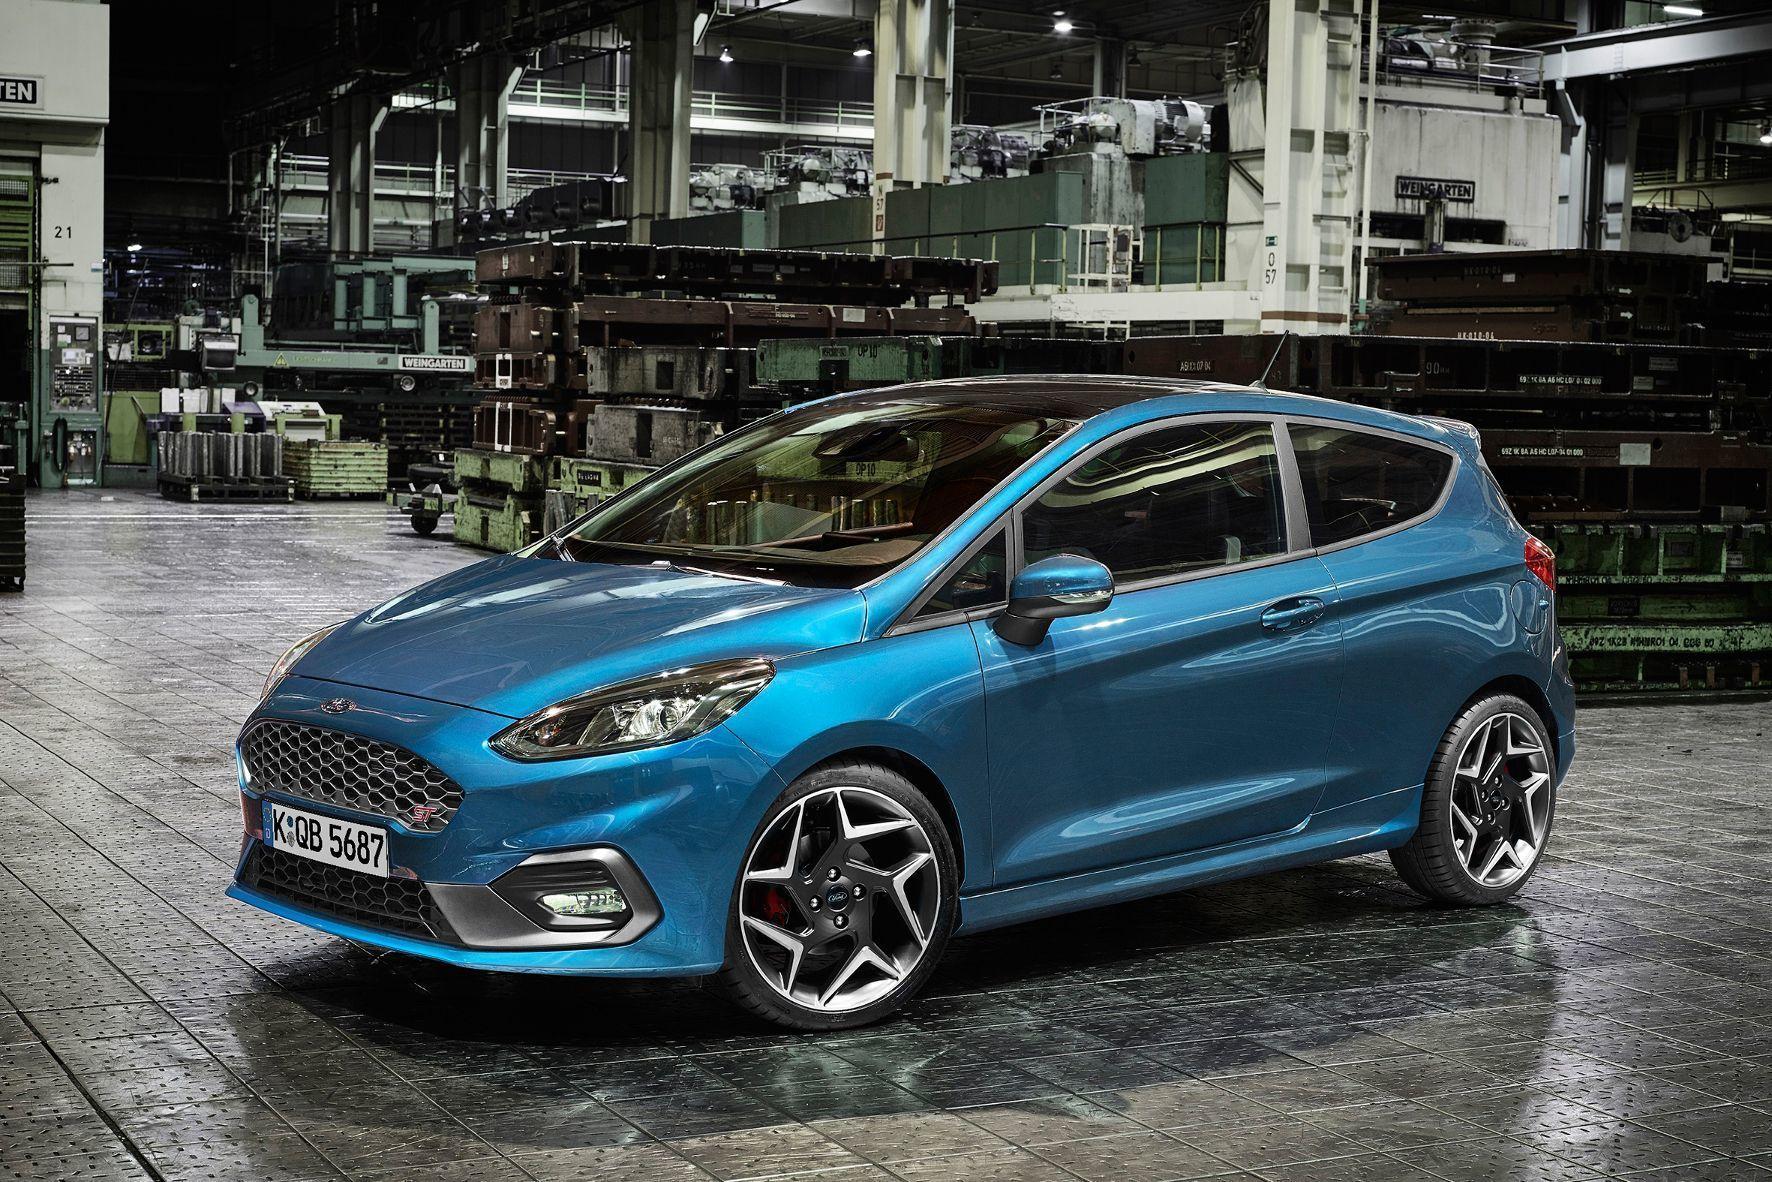 mid Groß-Gerau - Scharf konturiert und unverwechselbar ein Ford: Der neue Fiesta ST wird ab 2018 als Dreitürer (Foto) und mit fünf Türen angeboten.